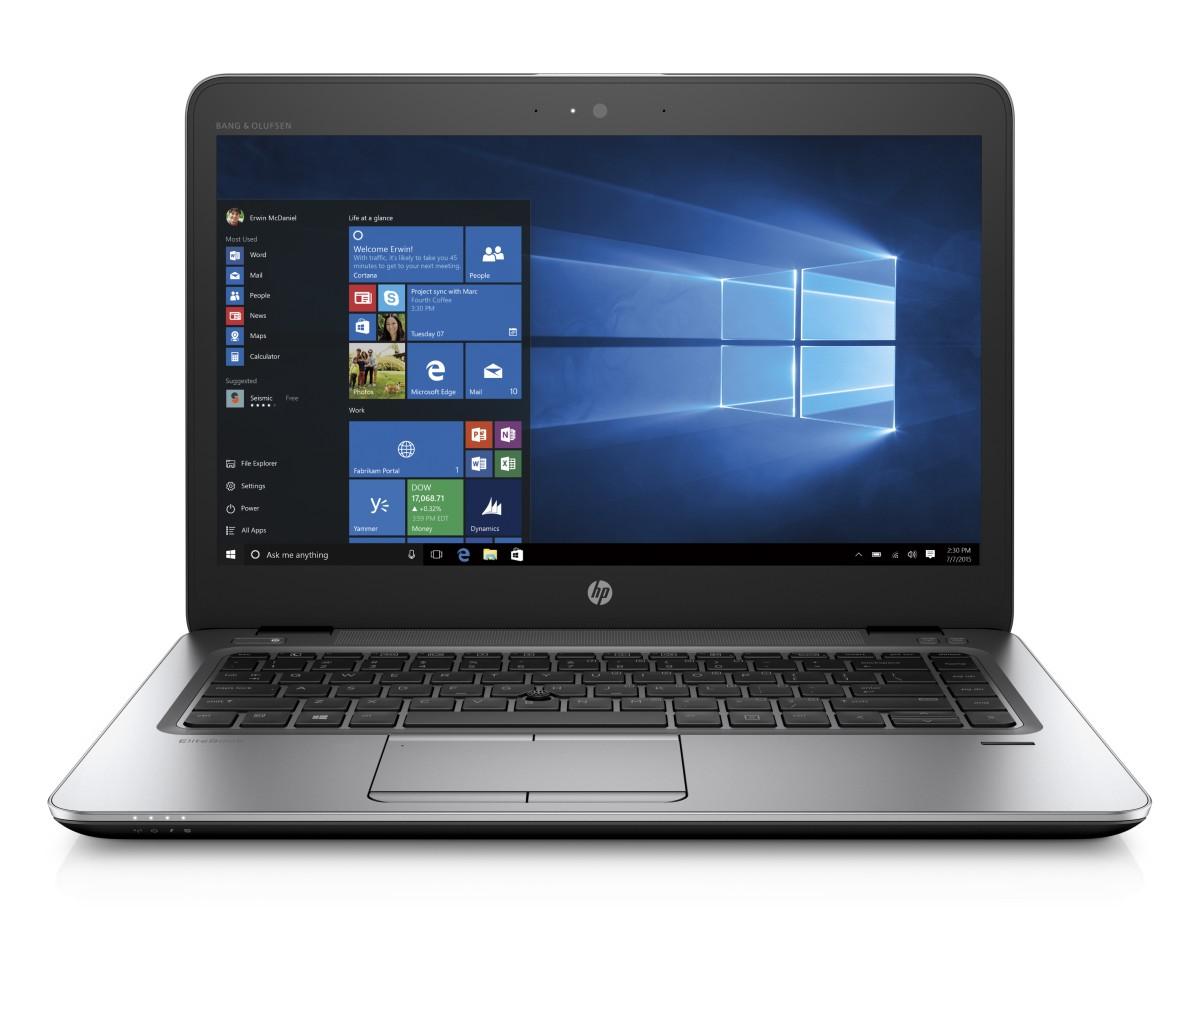 """HP EliteBook 840 G4 i5-7200U/4GB/256GB SSD + 2,5'' slot/14"""" FHD/ backlit keyb /Win 10 Pro"""